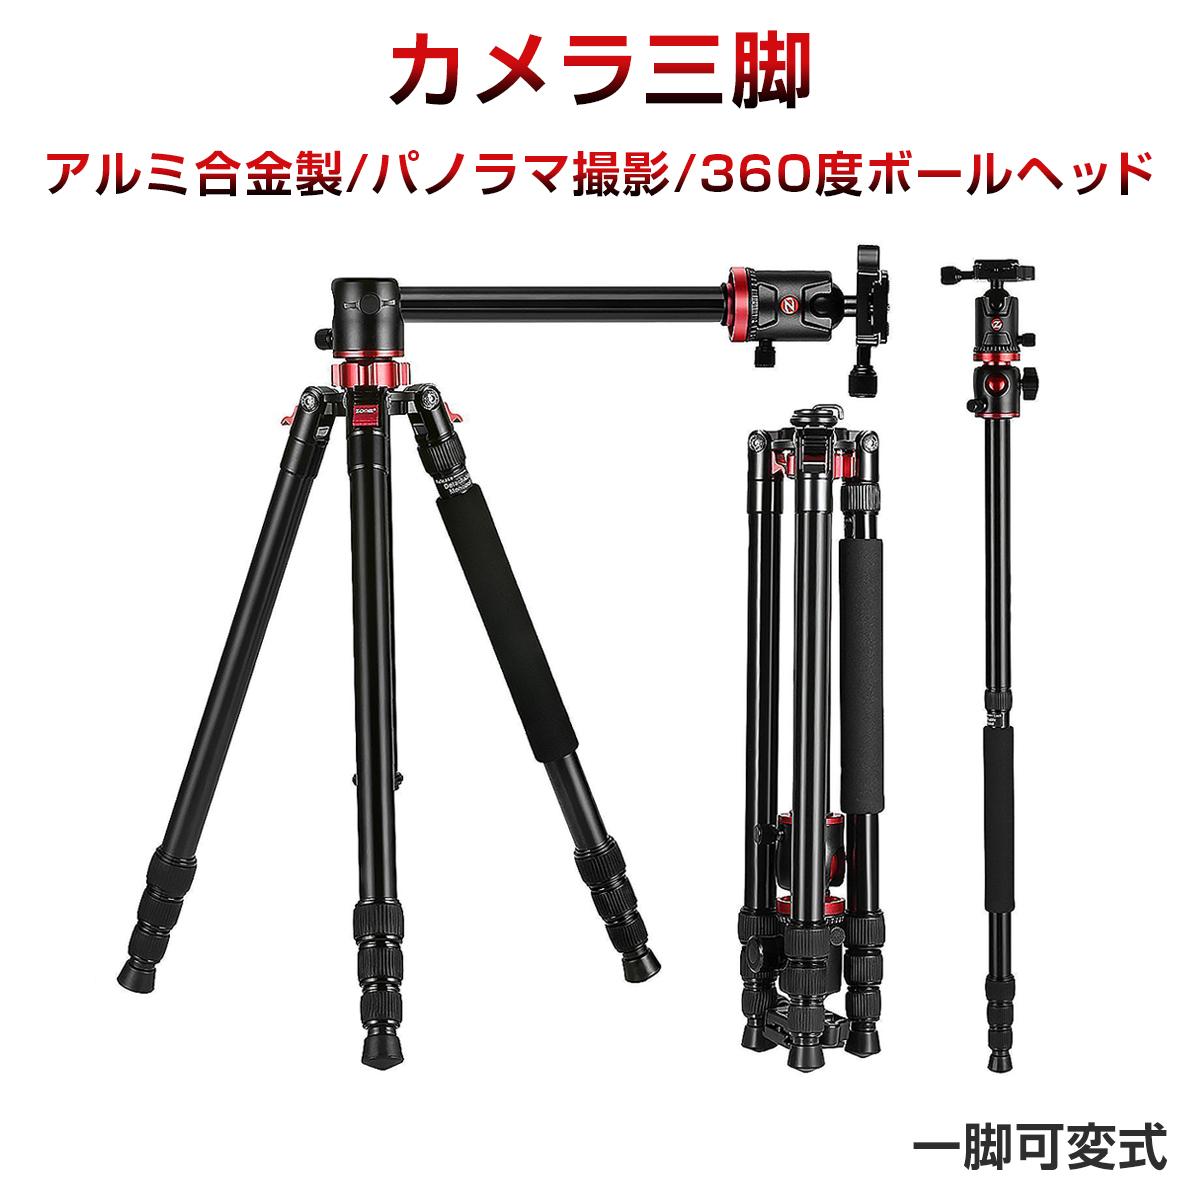 1年保証 送料無料 SDL ZOMEI M8 カメラ三脚 プロ お買い得 商舗 360度ボールヘッド 高品質アルミ合金 一眼 一脚 90度回転可能なセンターコラム DVスコープ 192cm プロジェクター Nikon ビデオカメラ Canon DSLR